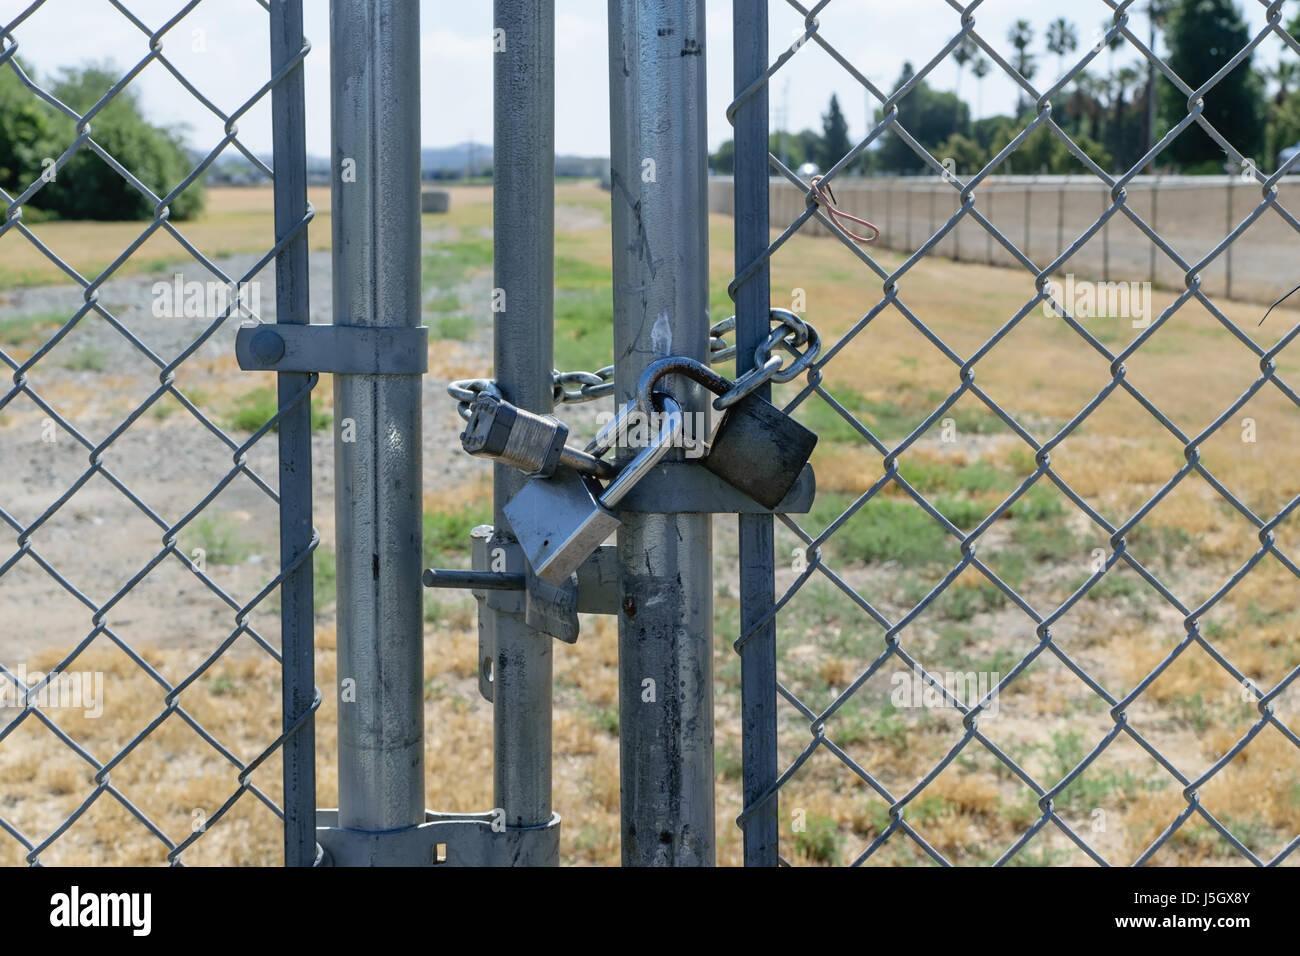 Tre serrature porta sicura sulla recinzione Immagini Stock